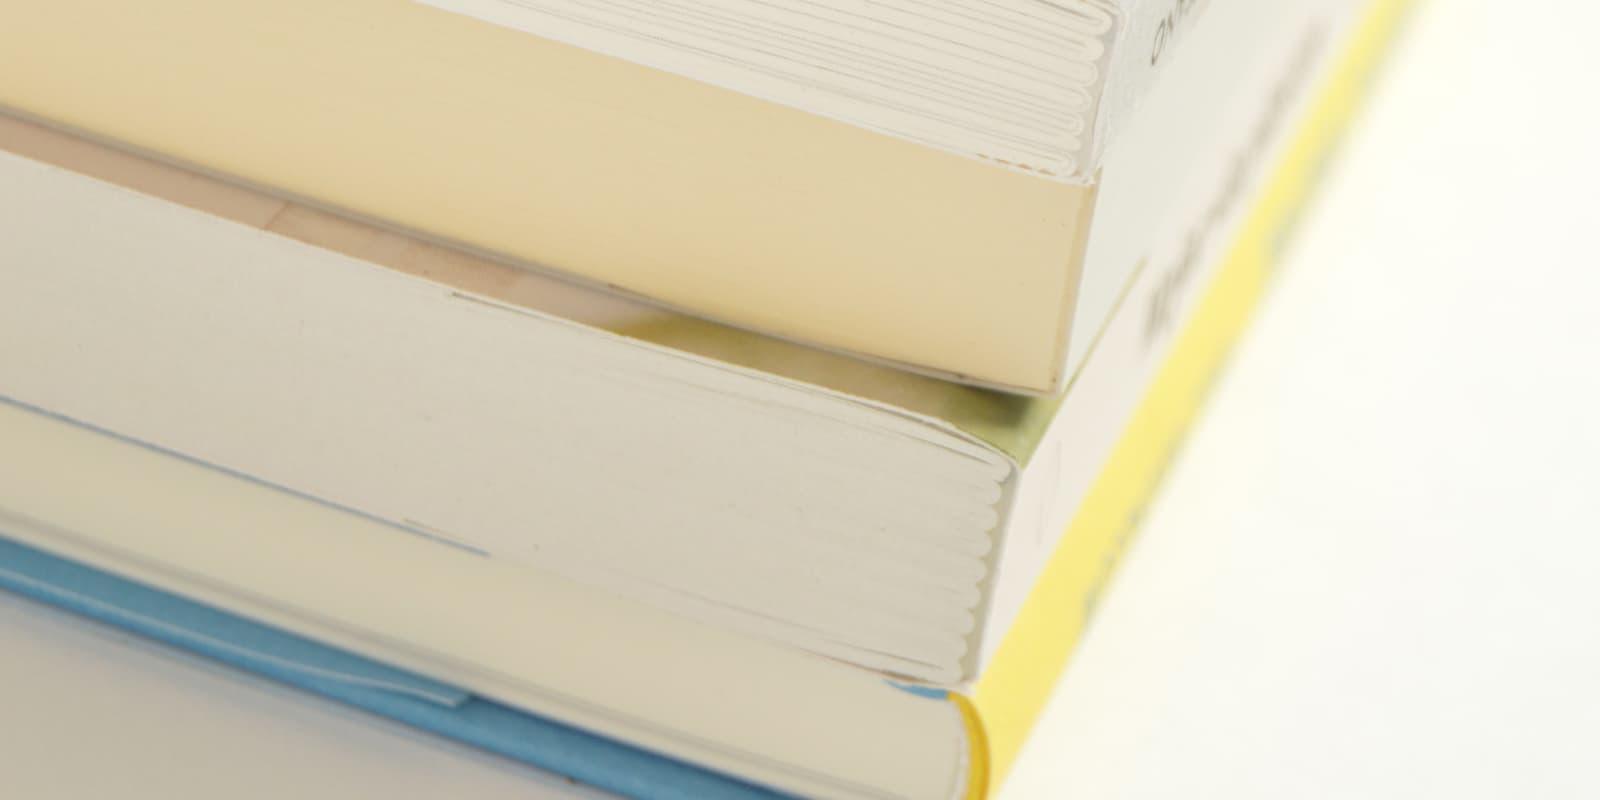 Libros Vida Zero Waste